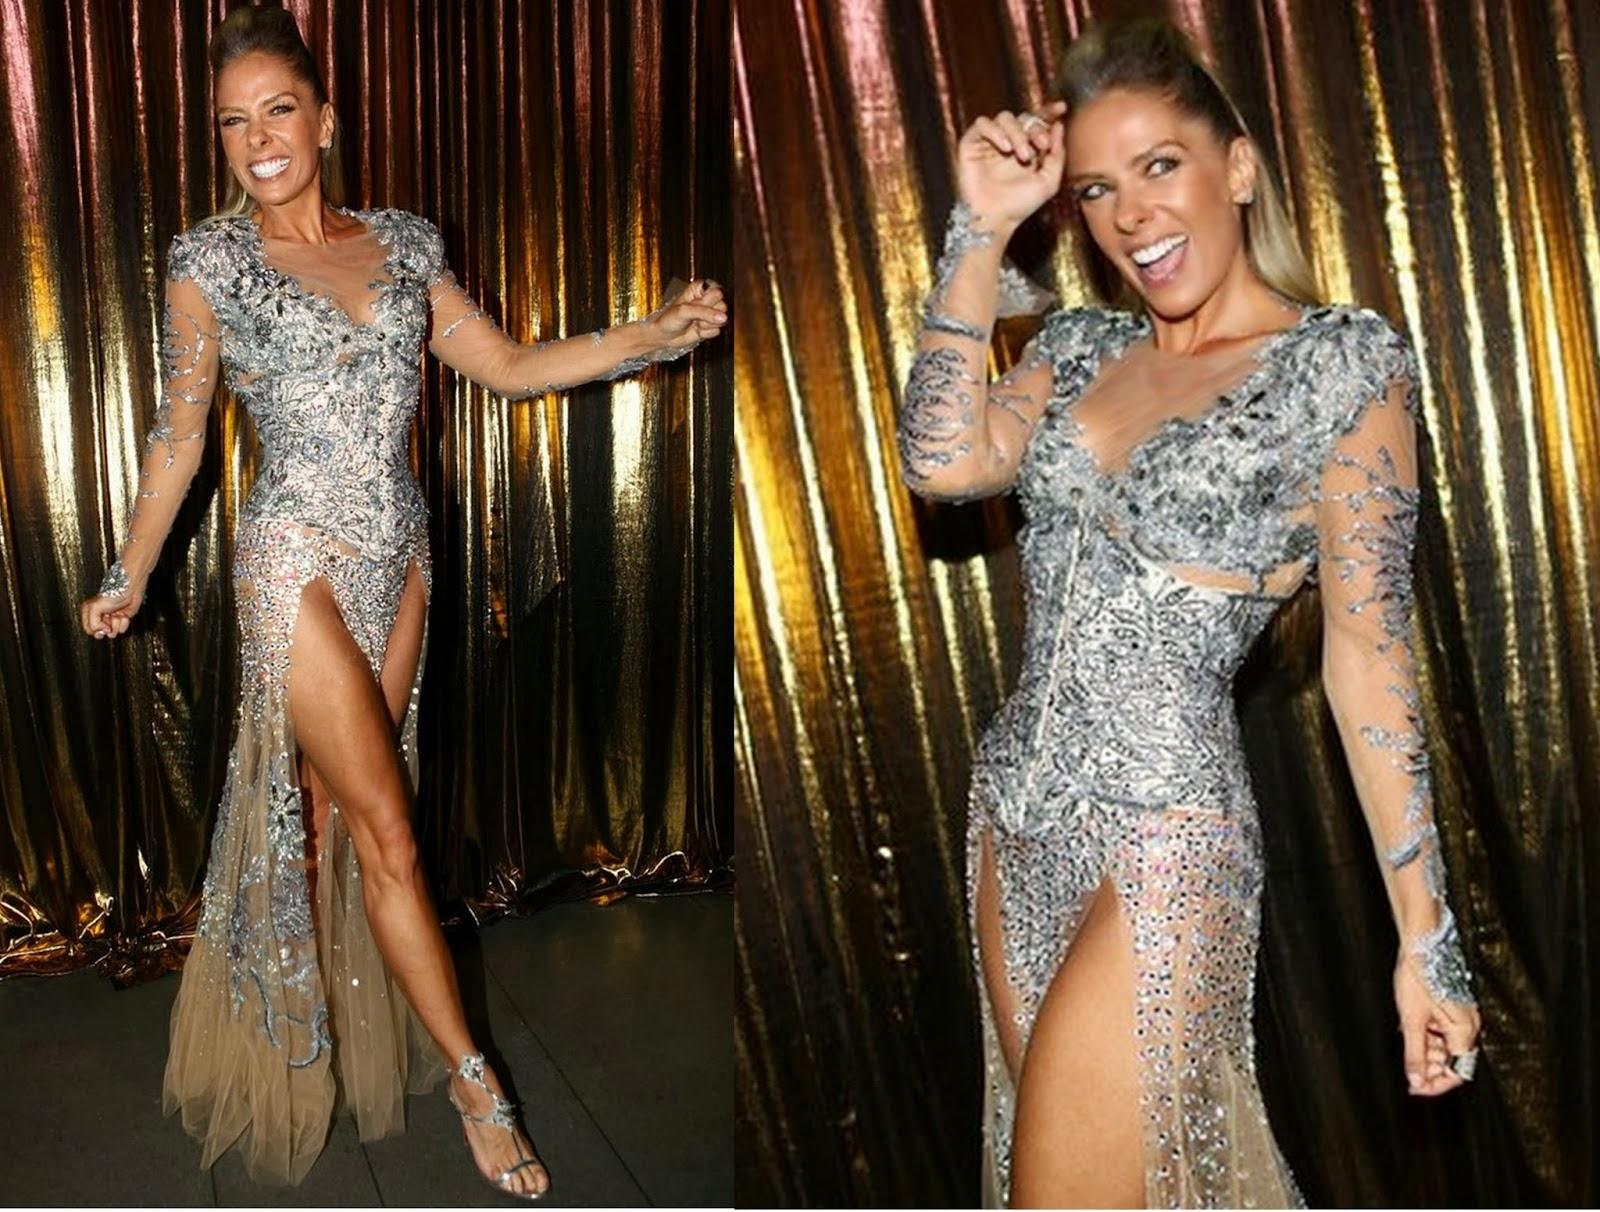 vestido com fendas, carnaval brasil 2014